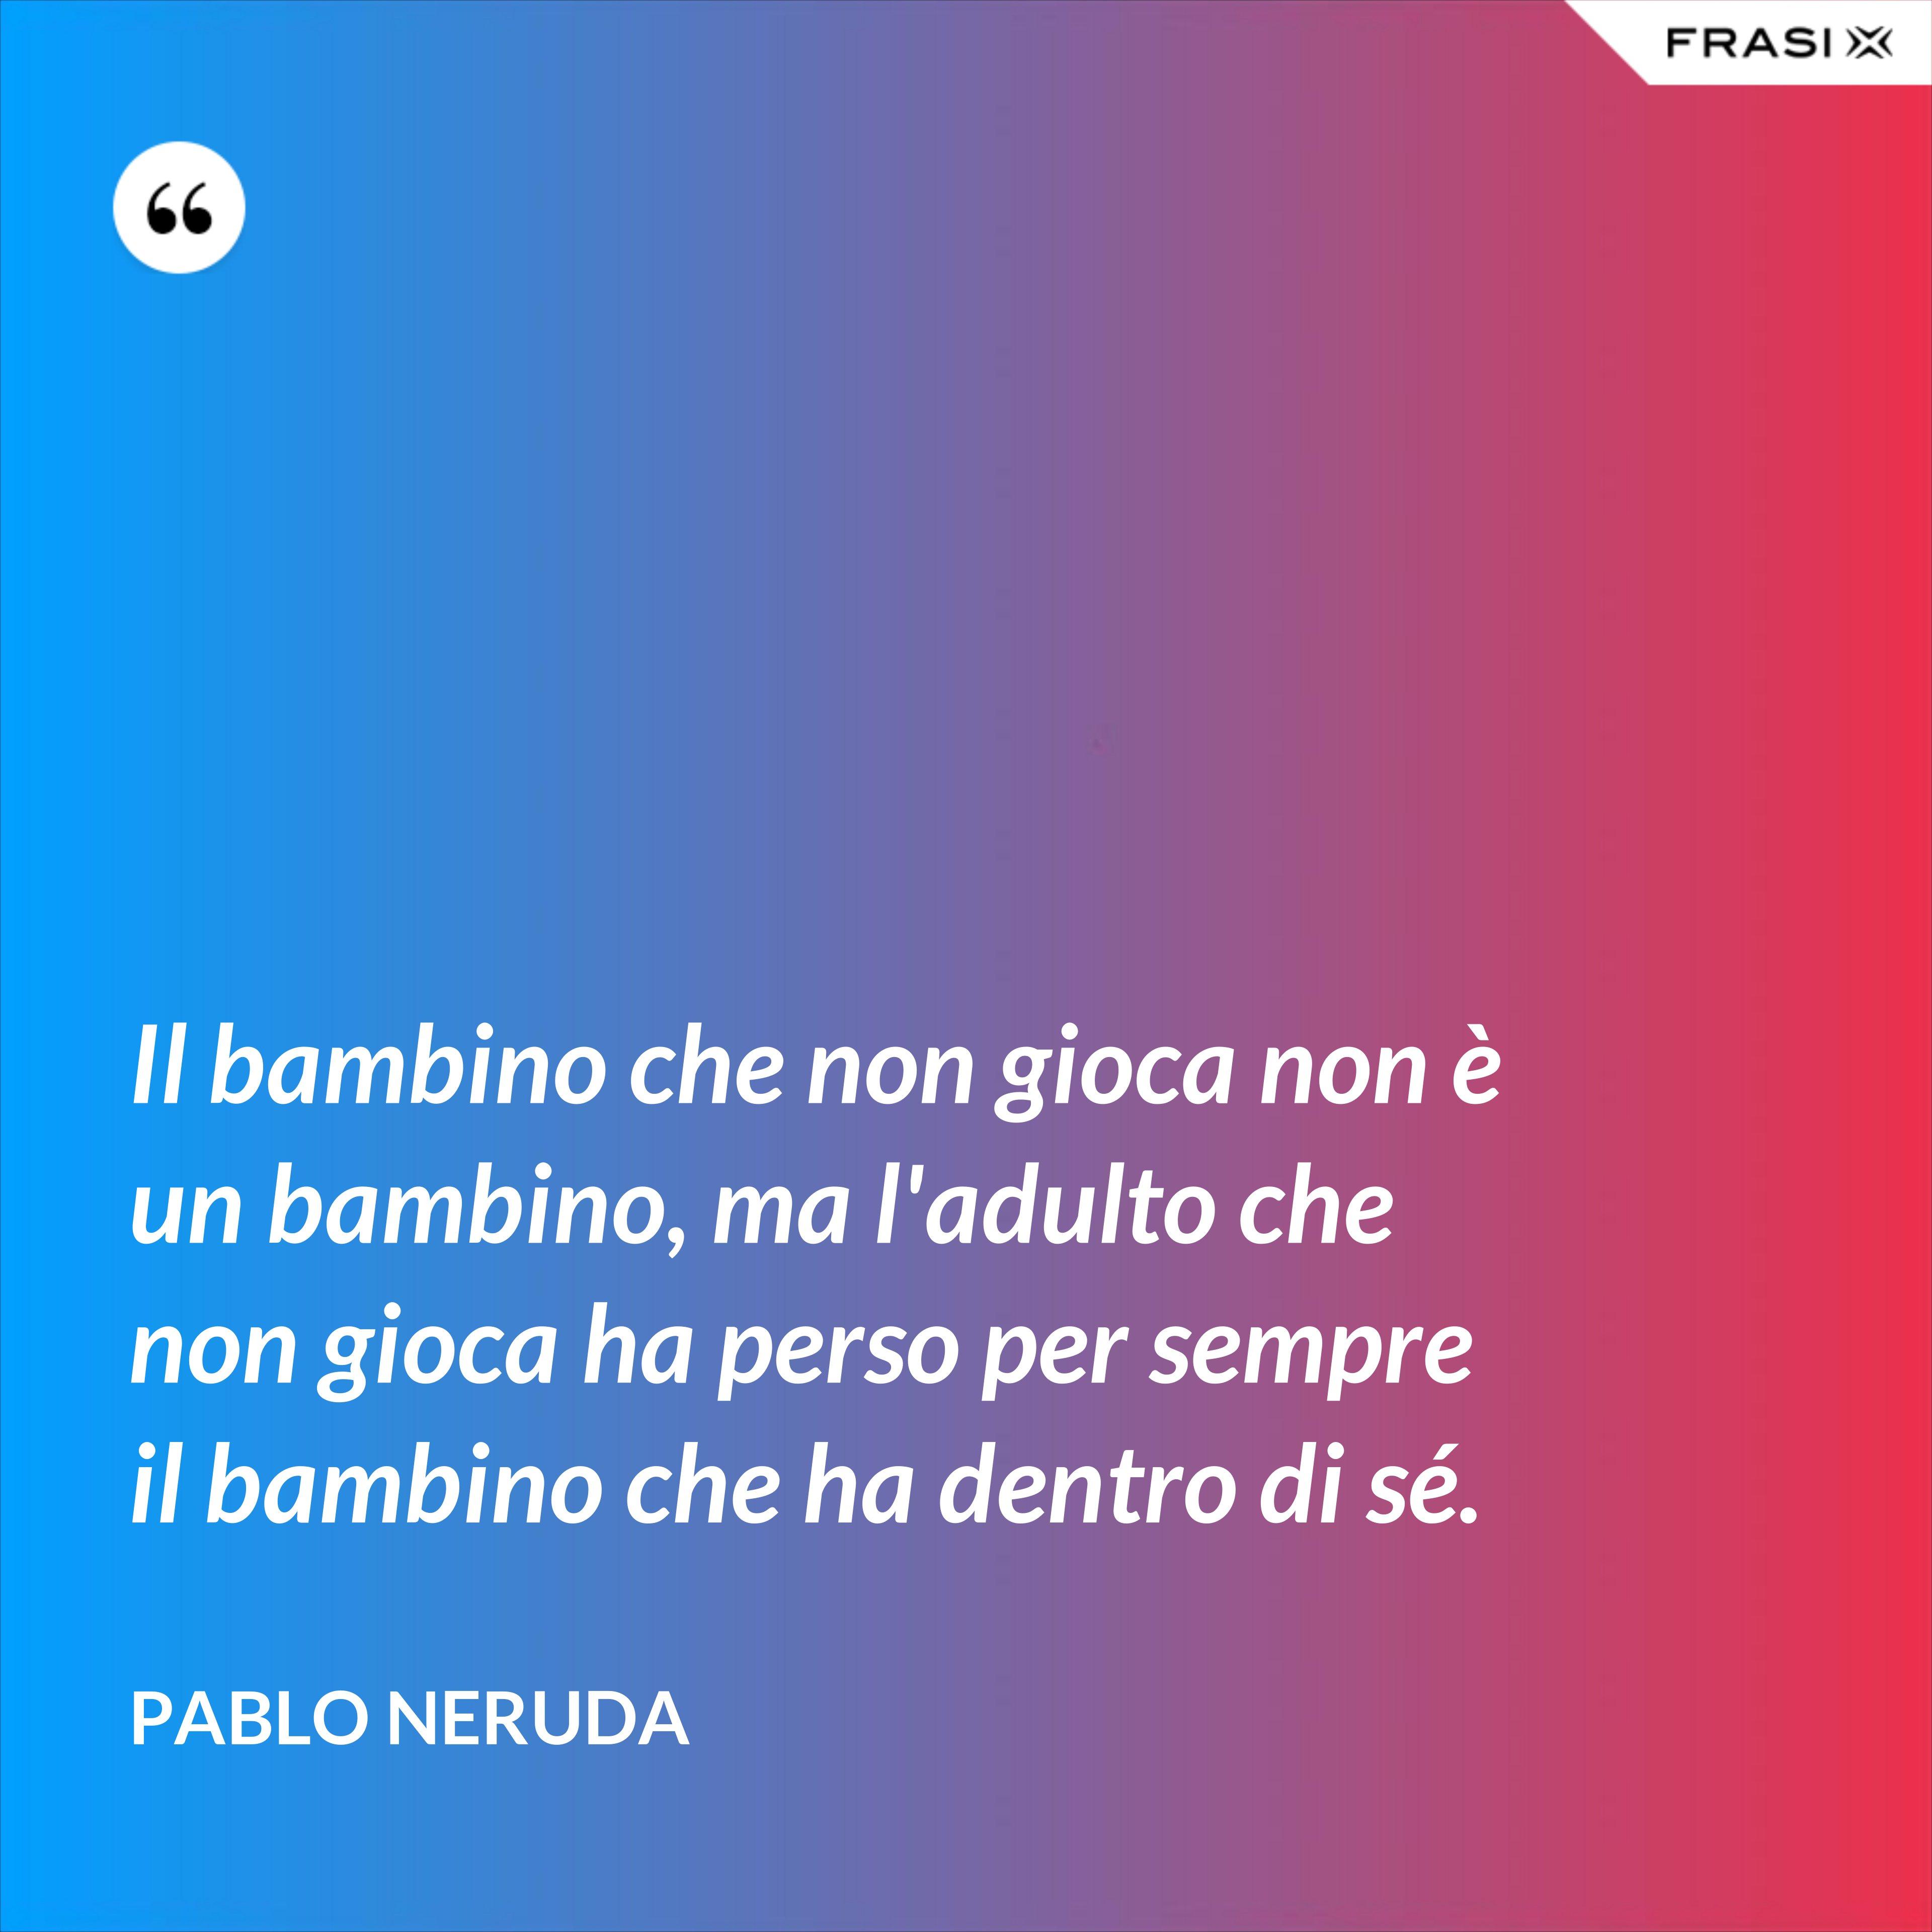 Il bambino che non gioca non è un bambino, ma l'adulto che non gioca ha perso per sempre il bambino che ha dentro di sé. - Pablo Neruda